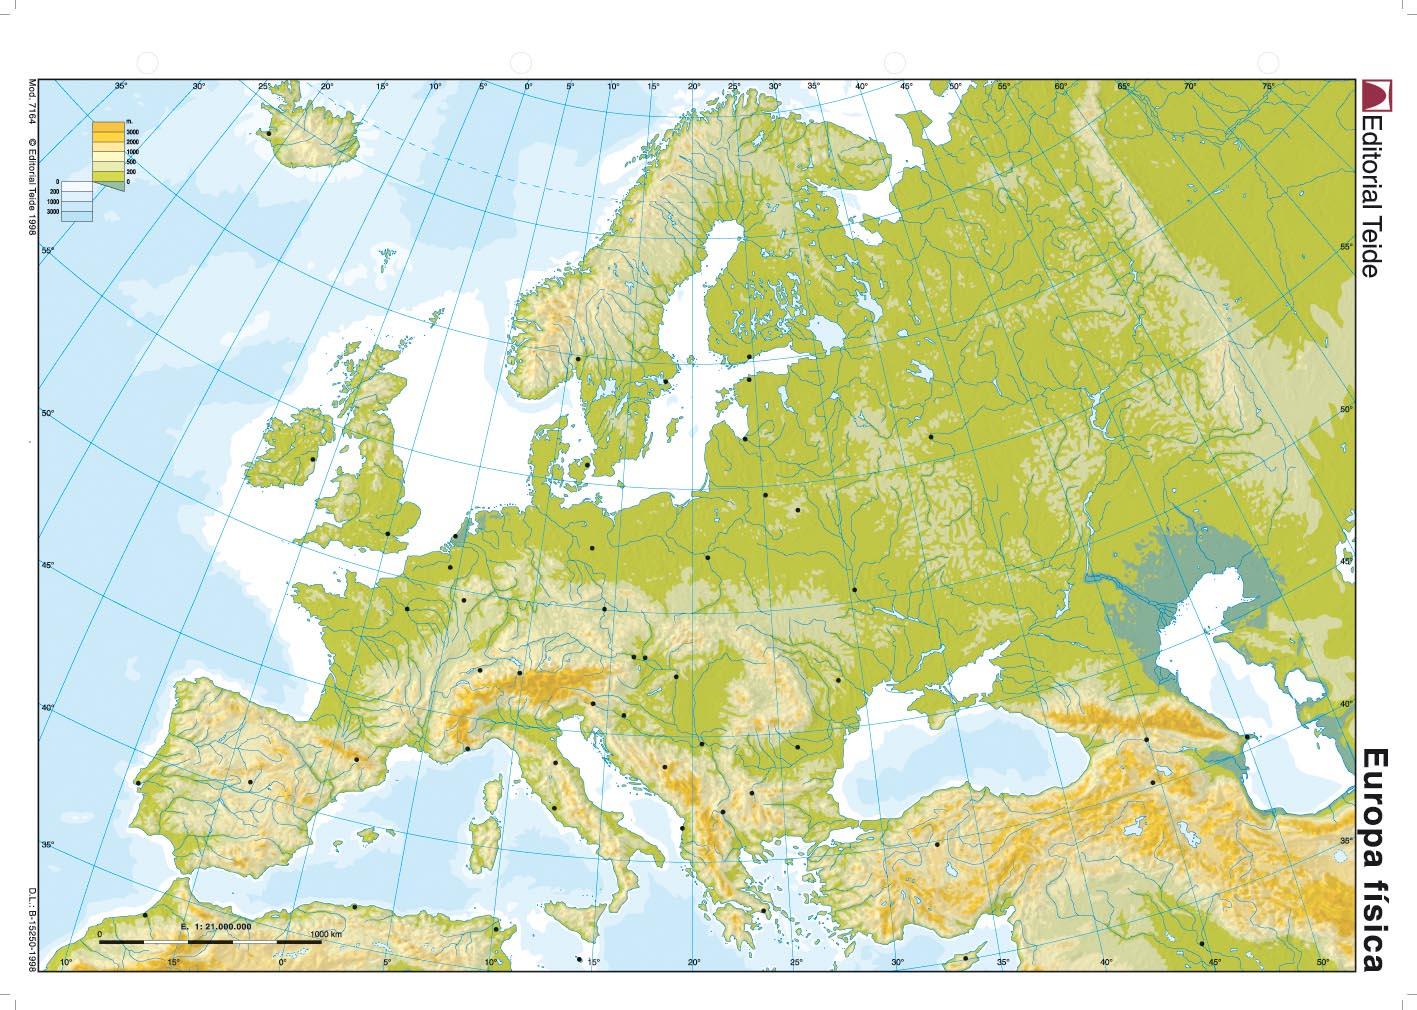 Juegos de Geografa  Juego de Relieve de Europa  Cerebriti